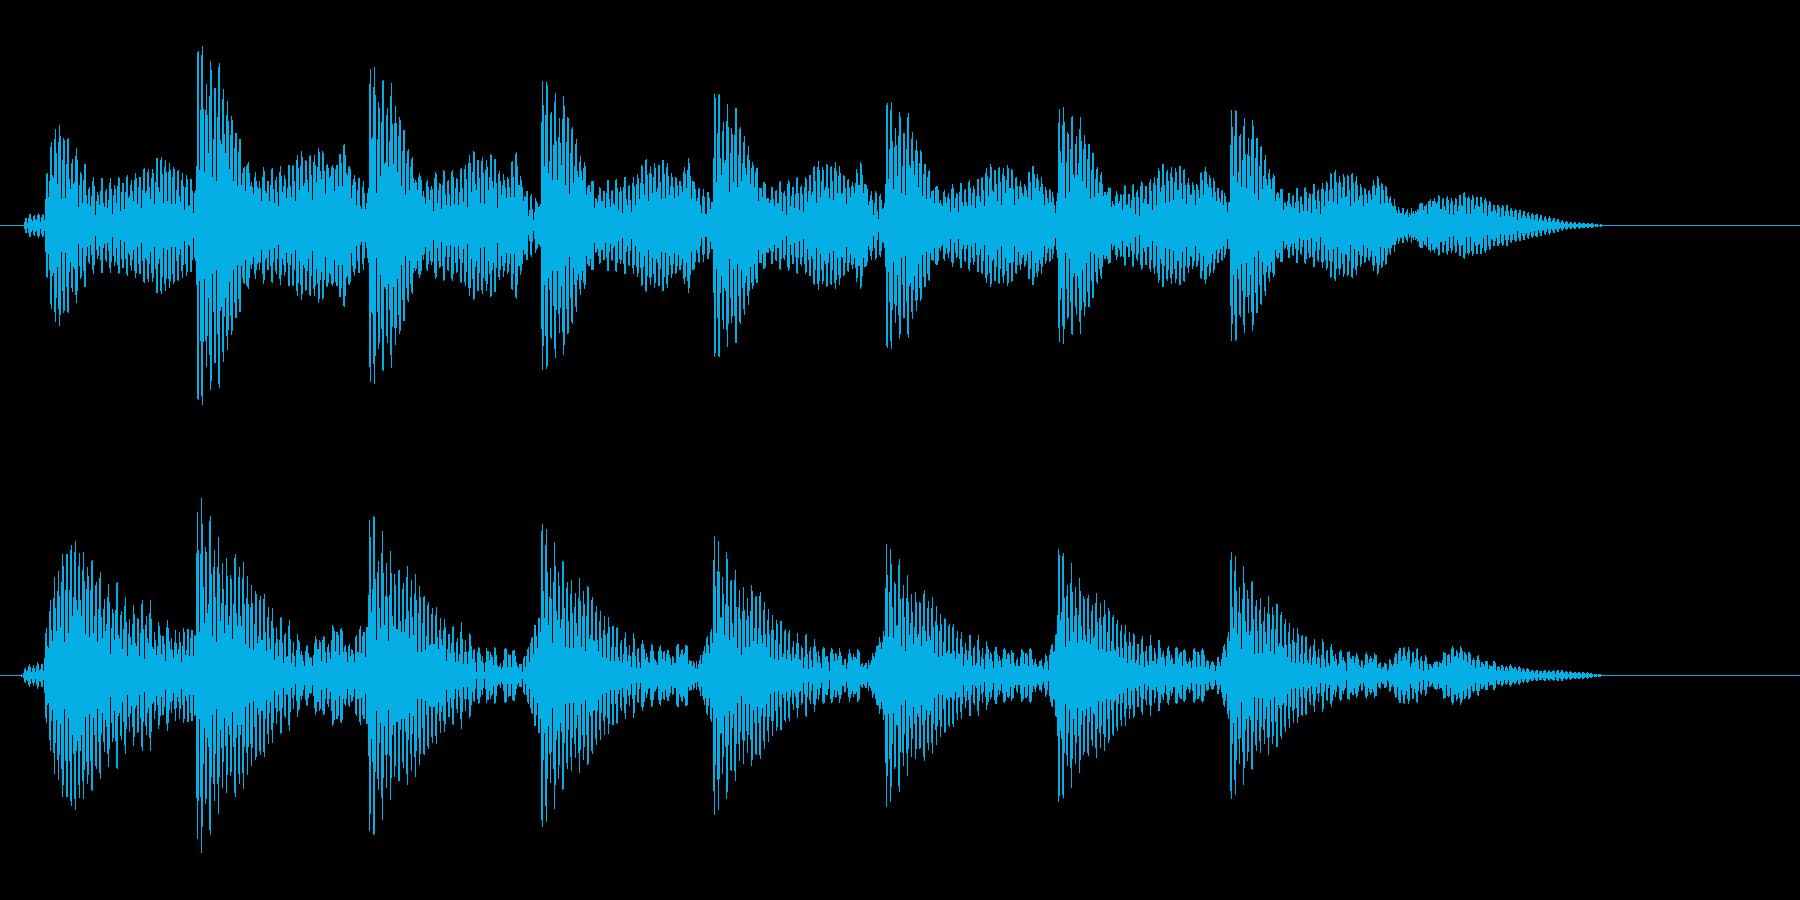 タタタタタという文字の打ち込み音の再生済みの波形